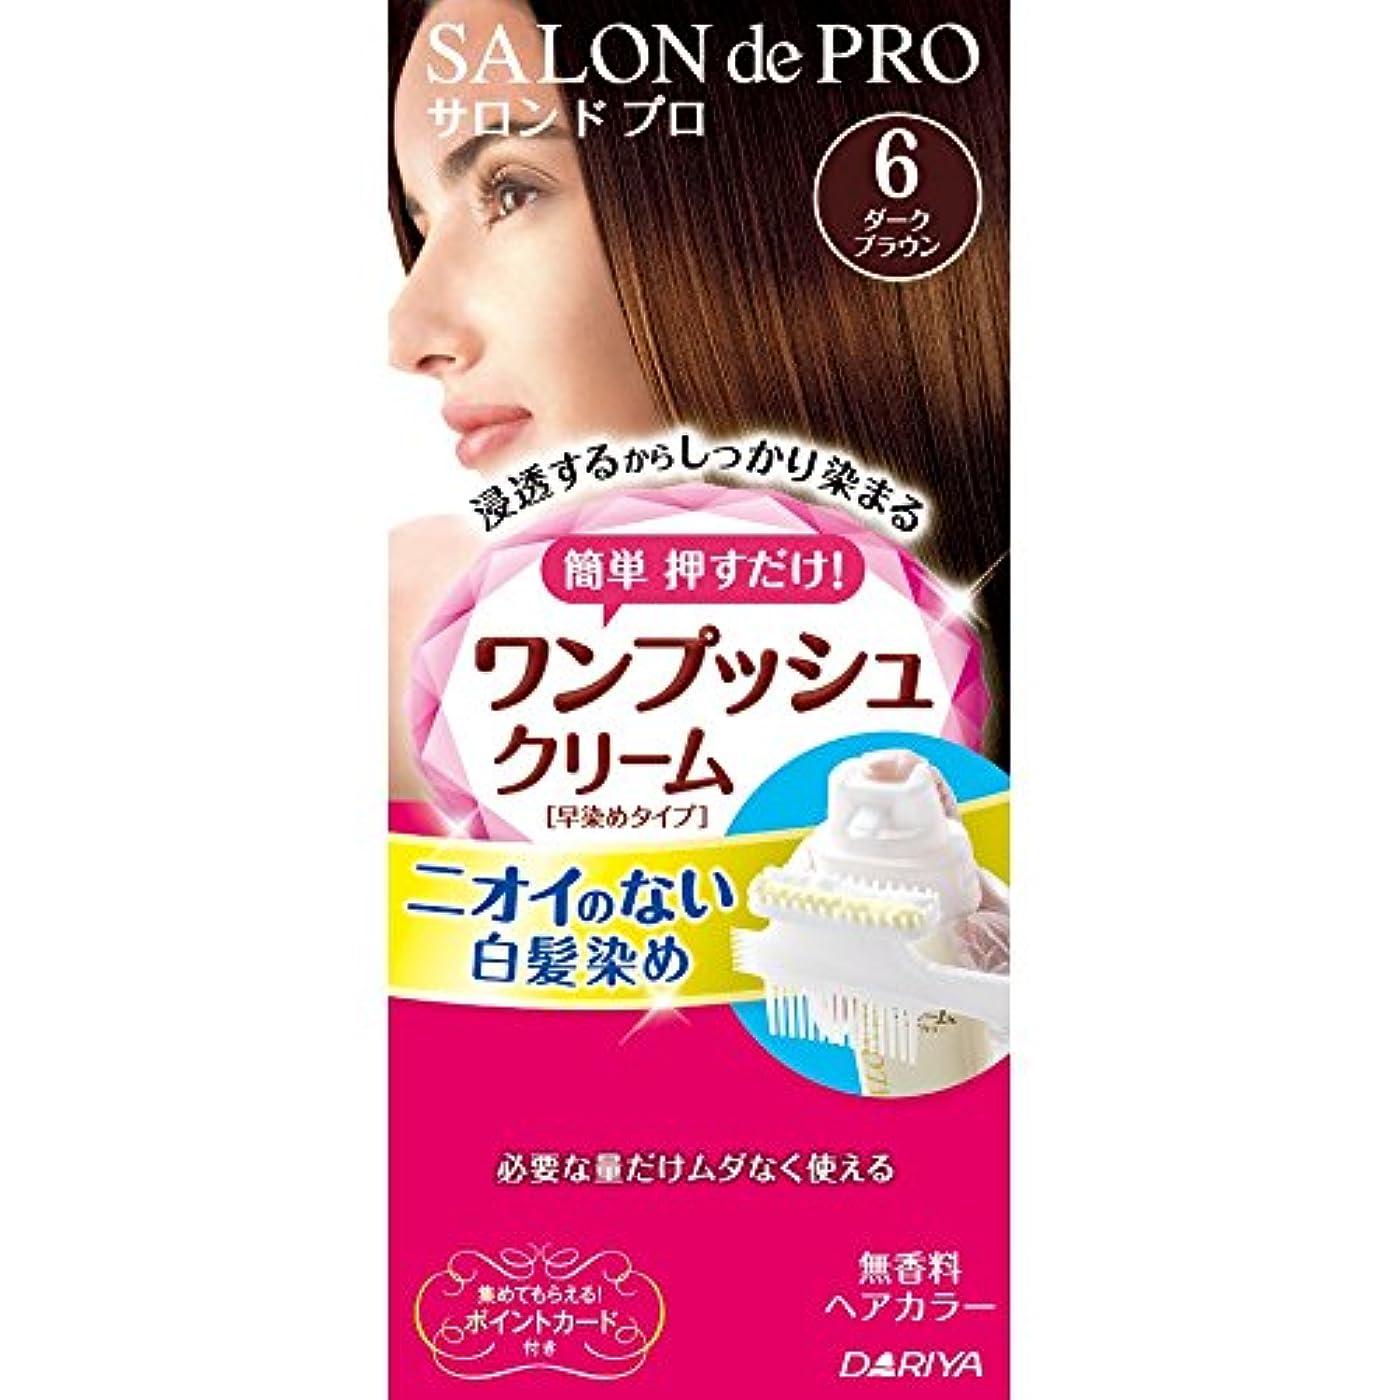 厚い蓋変色するサロンドプロ ワンプッシュクリームヘアカラー 6 40g+40g